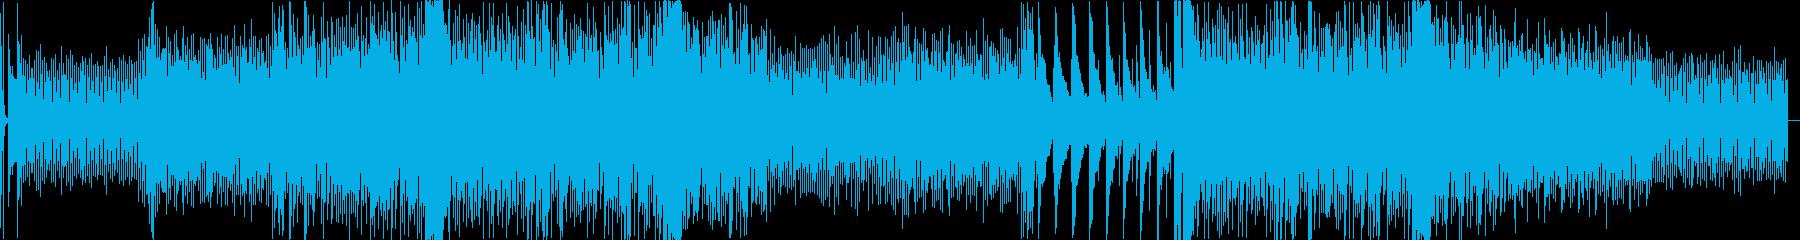 緊張した雰囲気の疾走感あるBGMの再生済みの波形